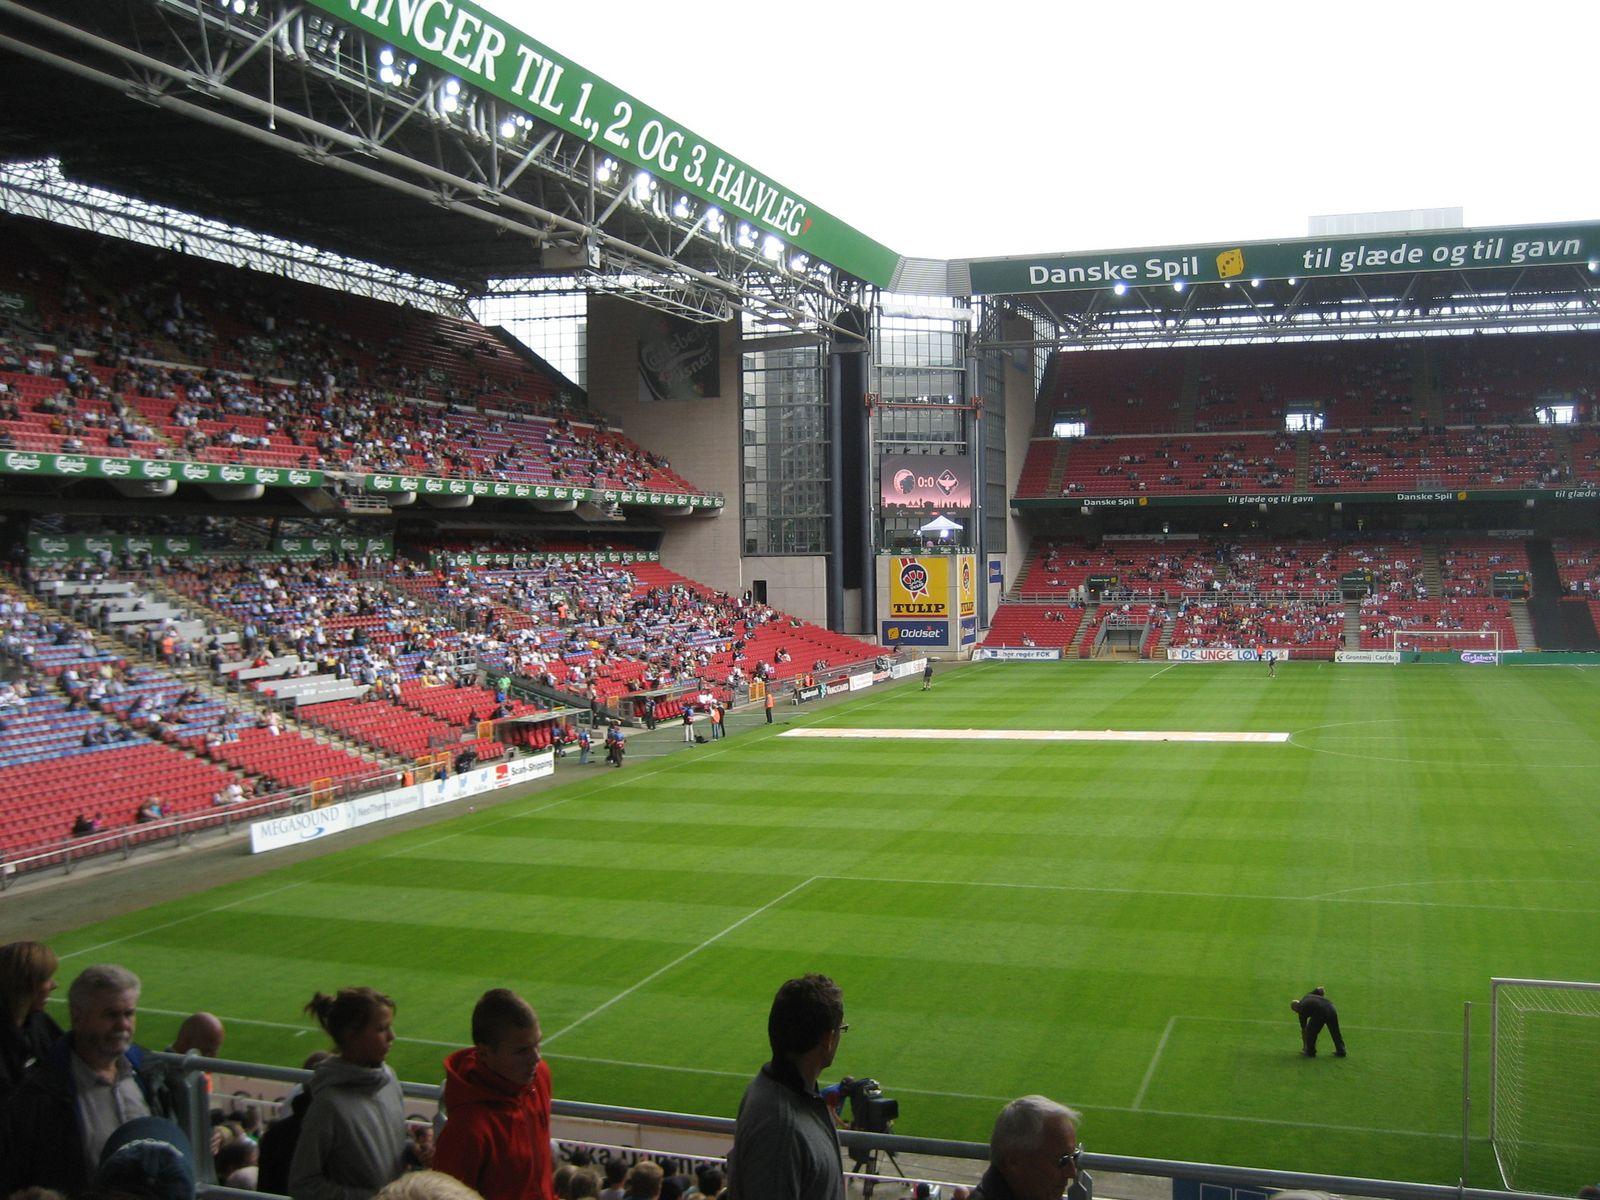 Parken Stadion Nürnberg